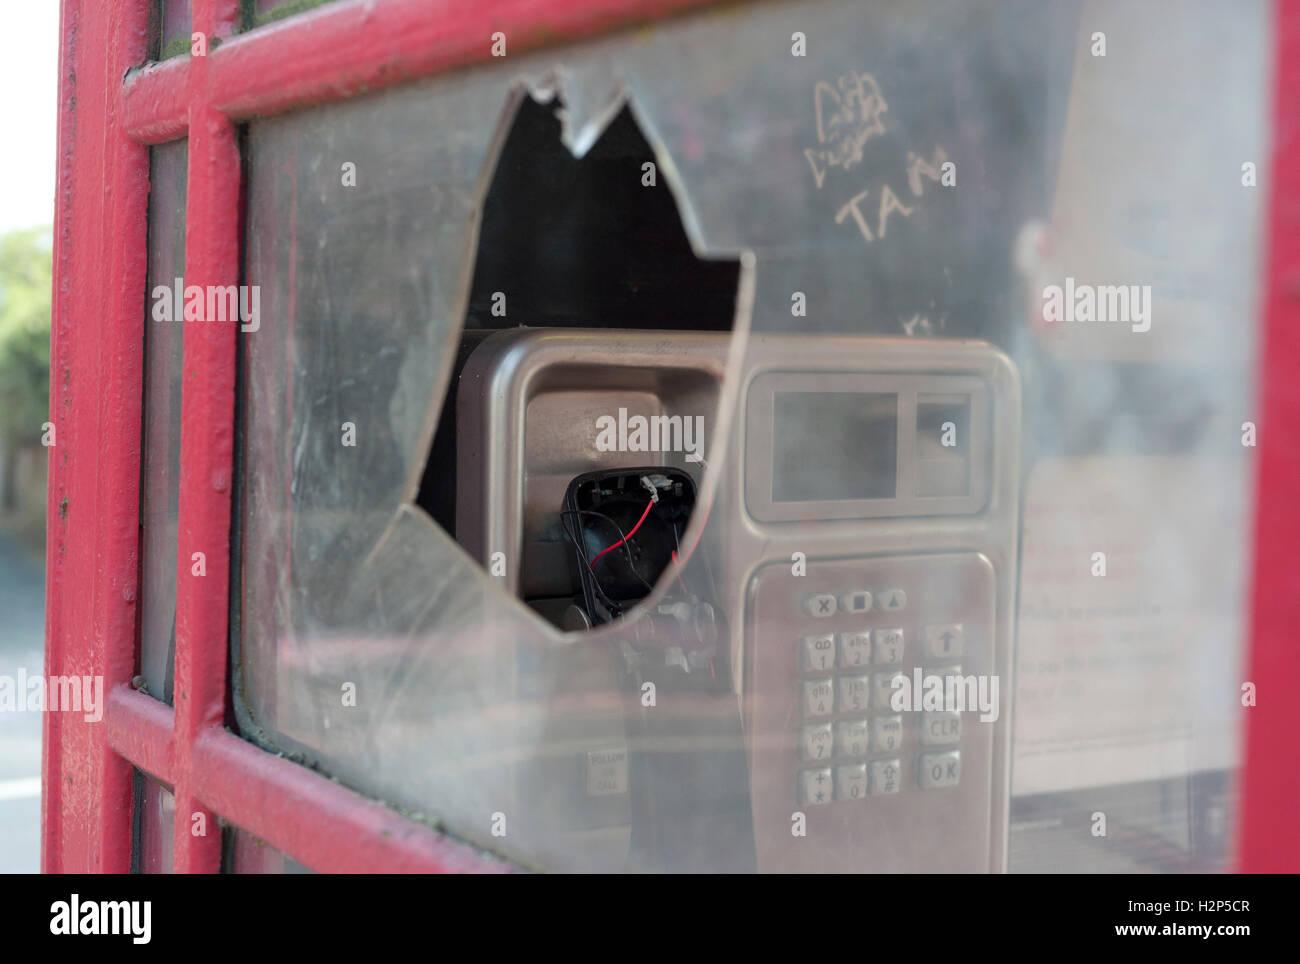 Vandalized telephone box. - Stock Image